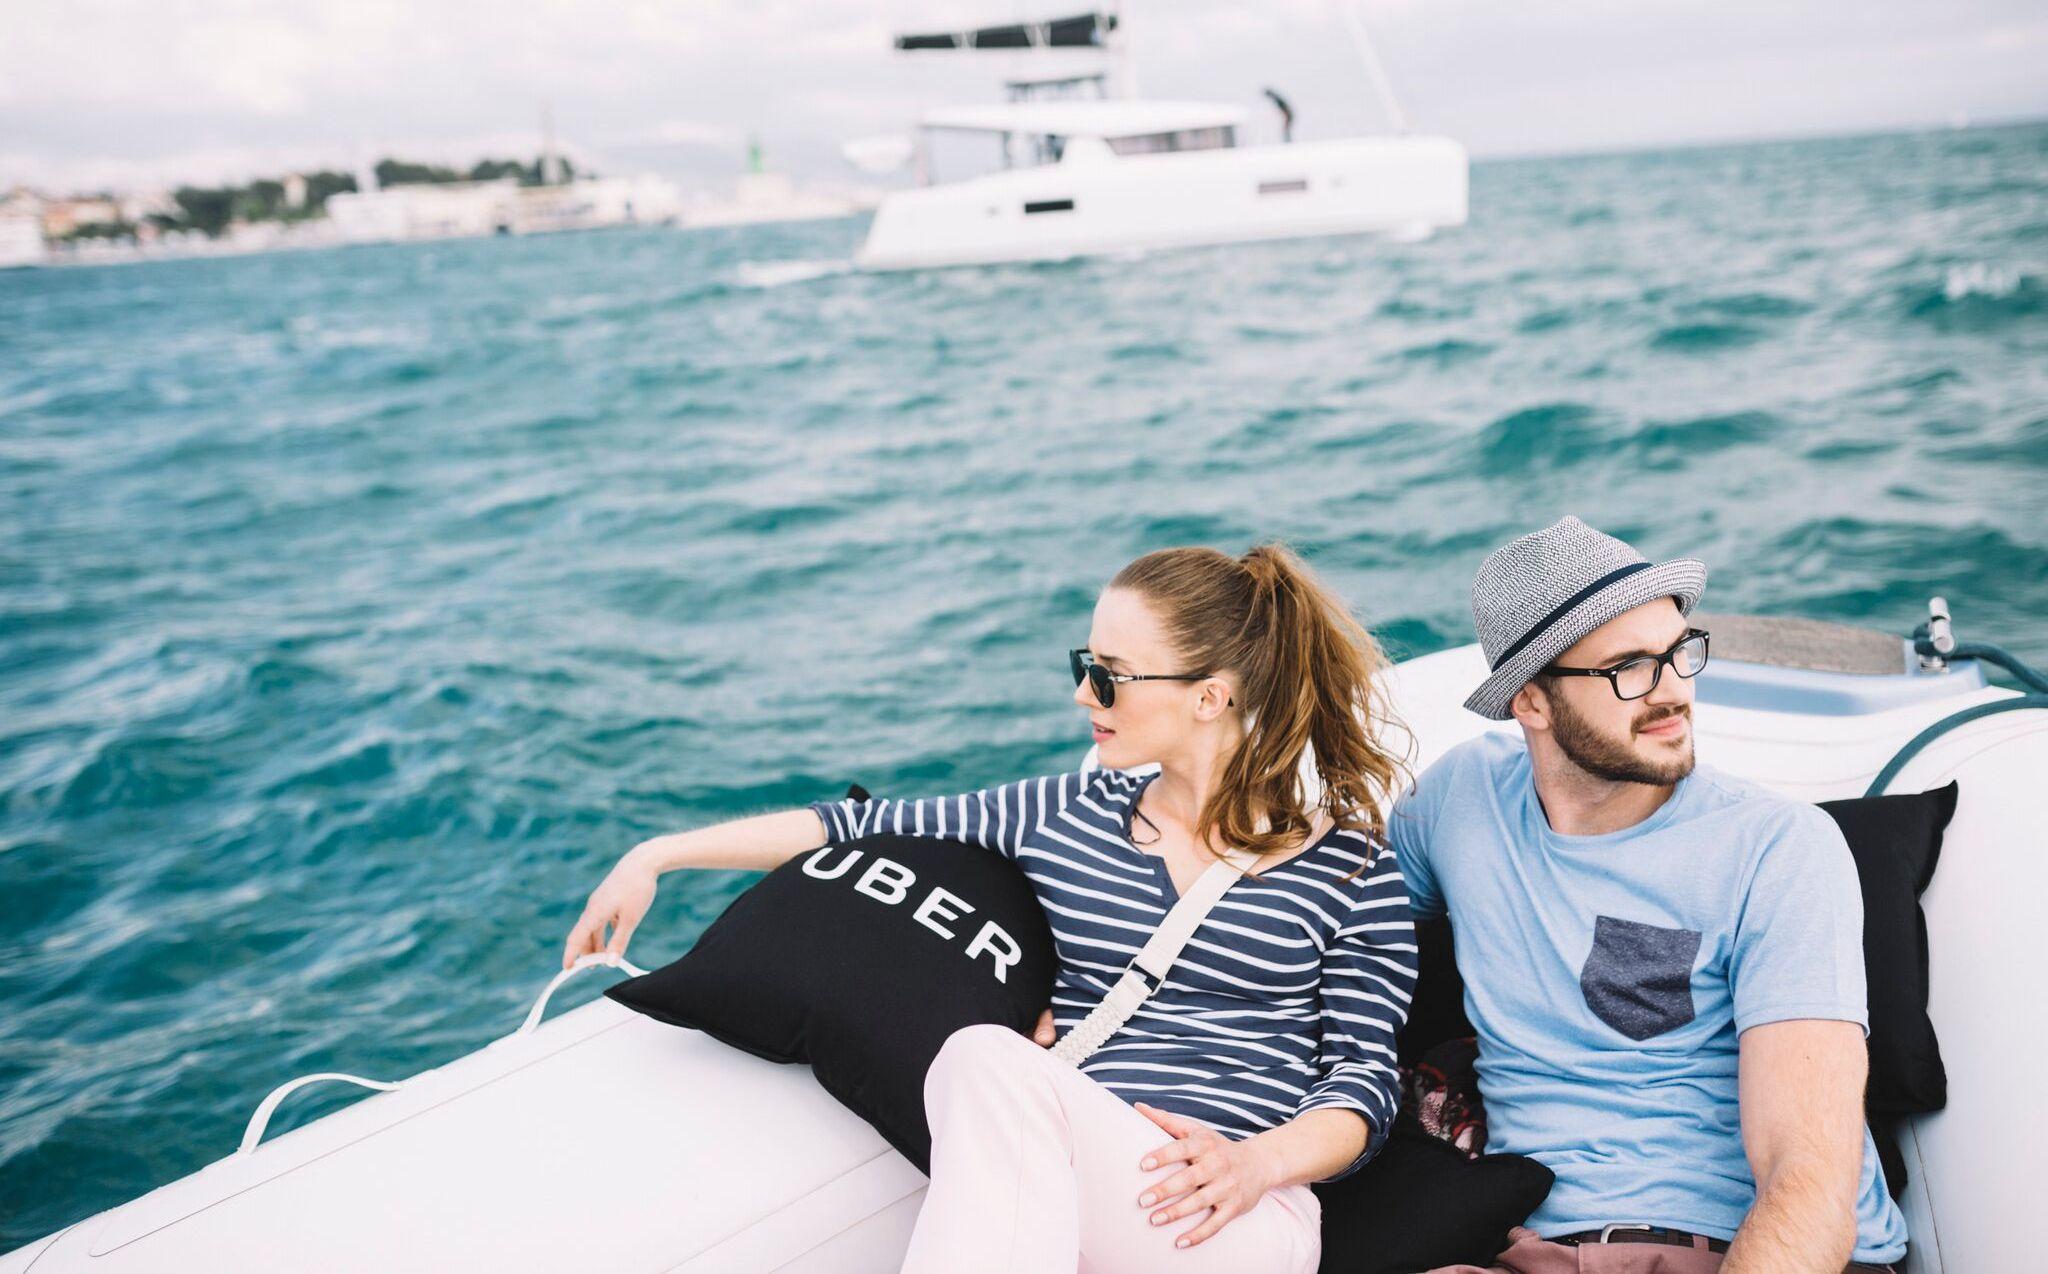 Per Knopfdruck Ein Schnellboot Uber Boat Startet In Kroatien